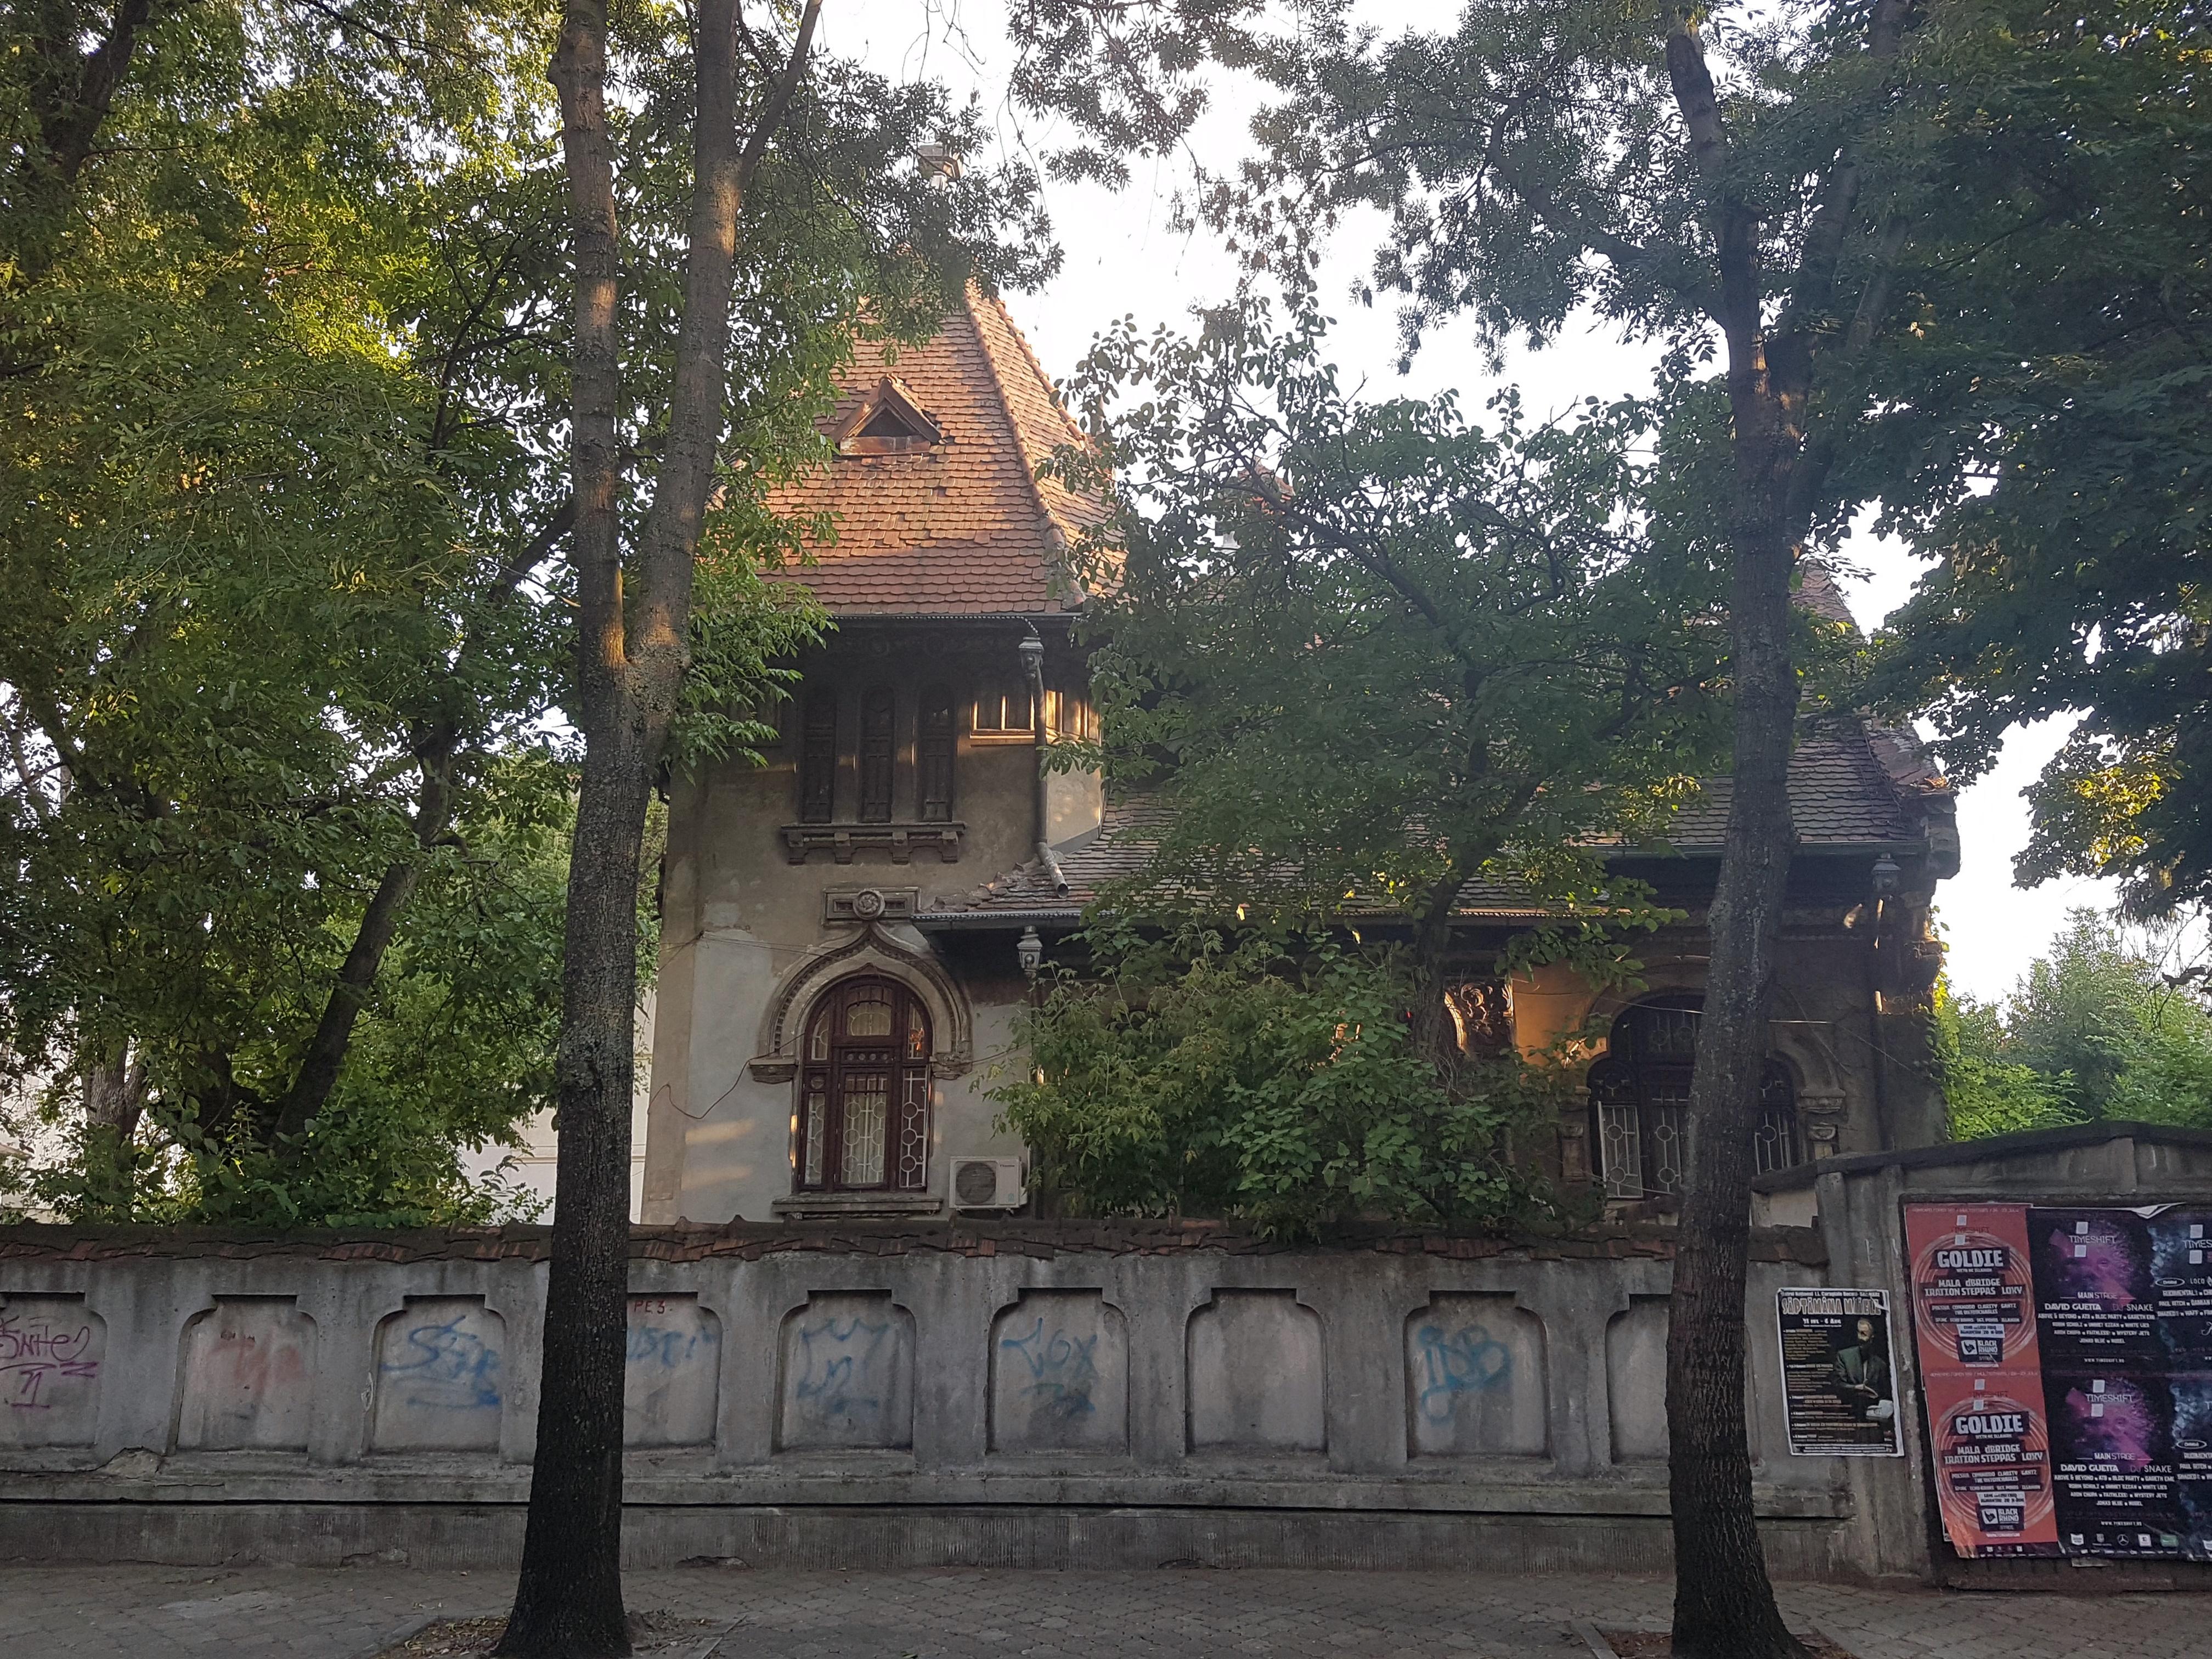 Un bloc cu patru etaje ar putea apărea în zona protejată Mihai Eminescu, vizavi de casa Henrieta Delavrancea, monument istoric. Cum a fost distrusă zona în ultimii 15 ani 35